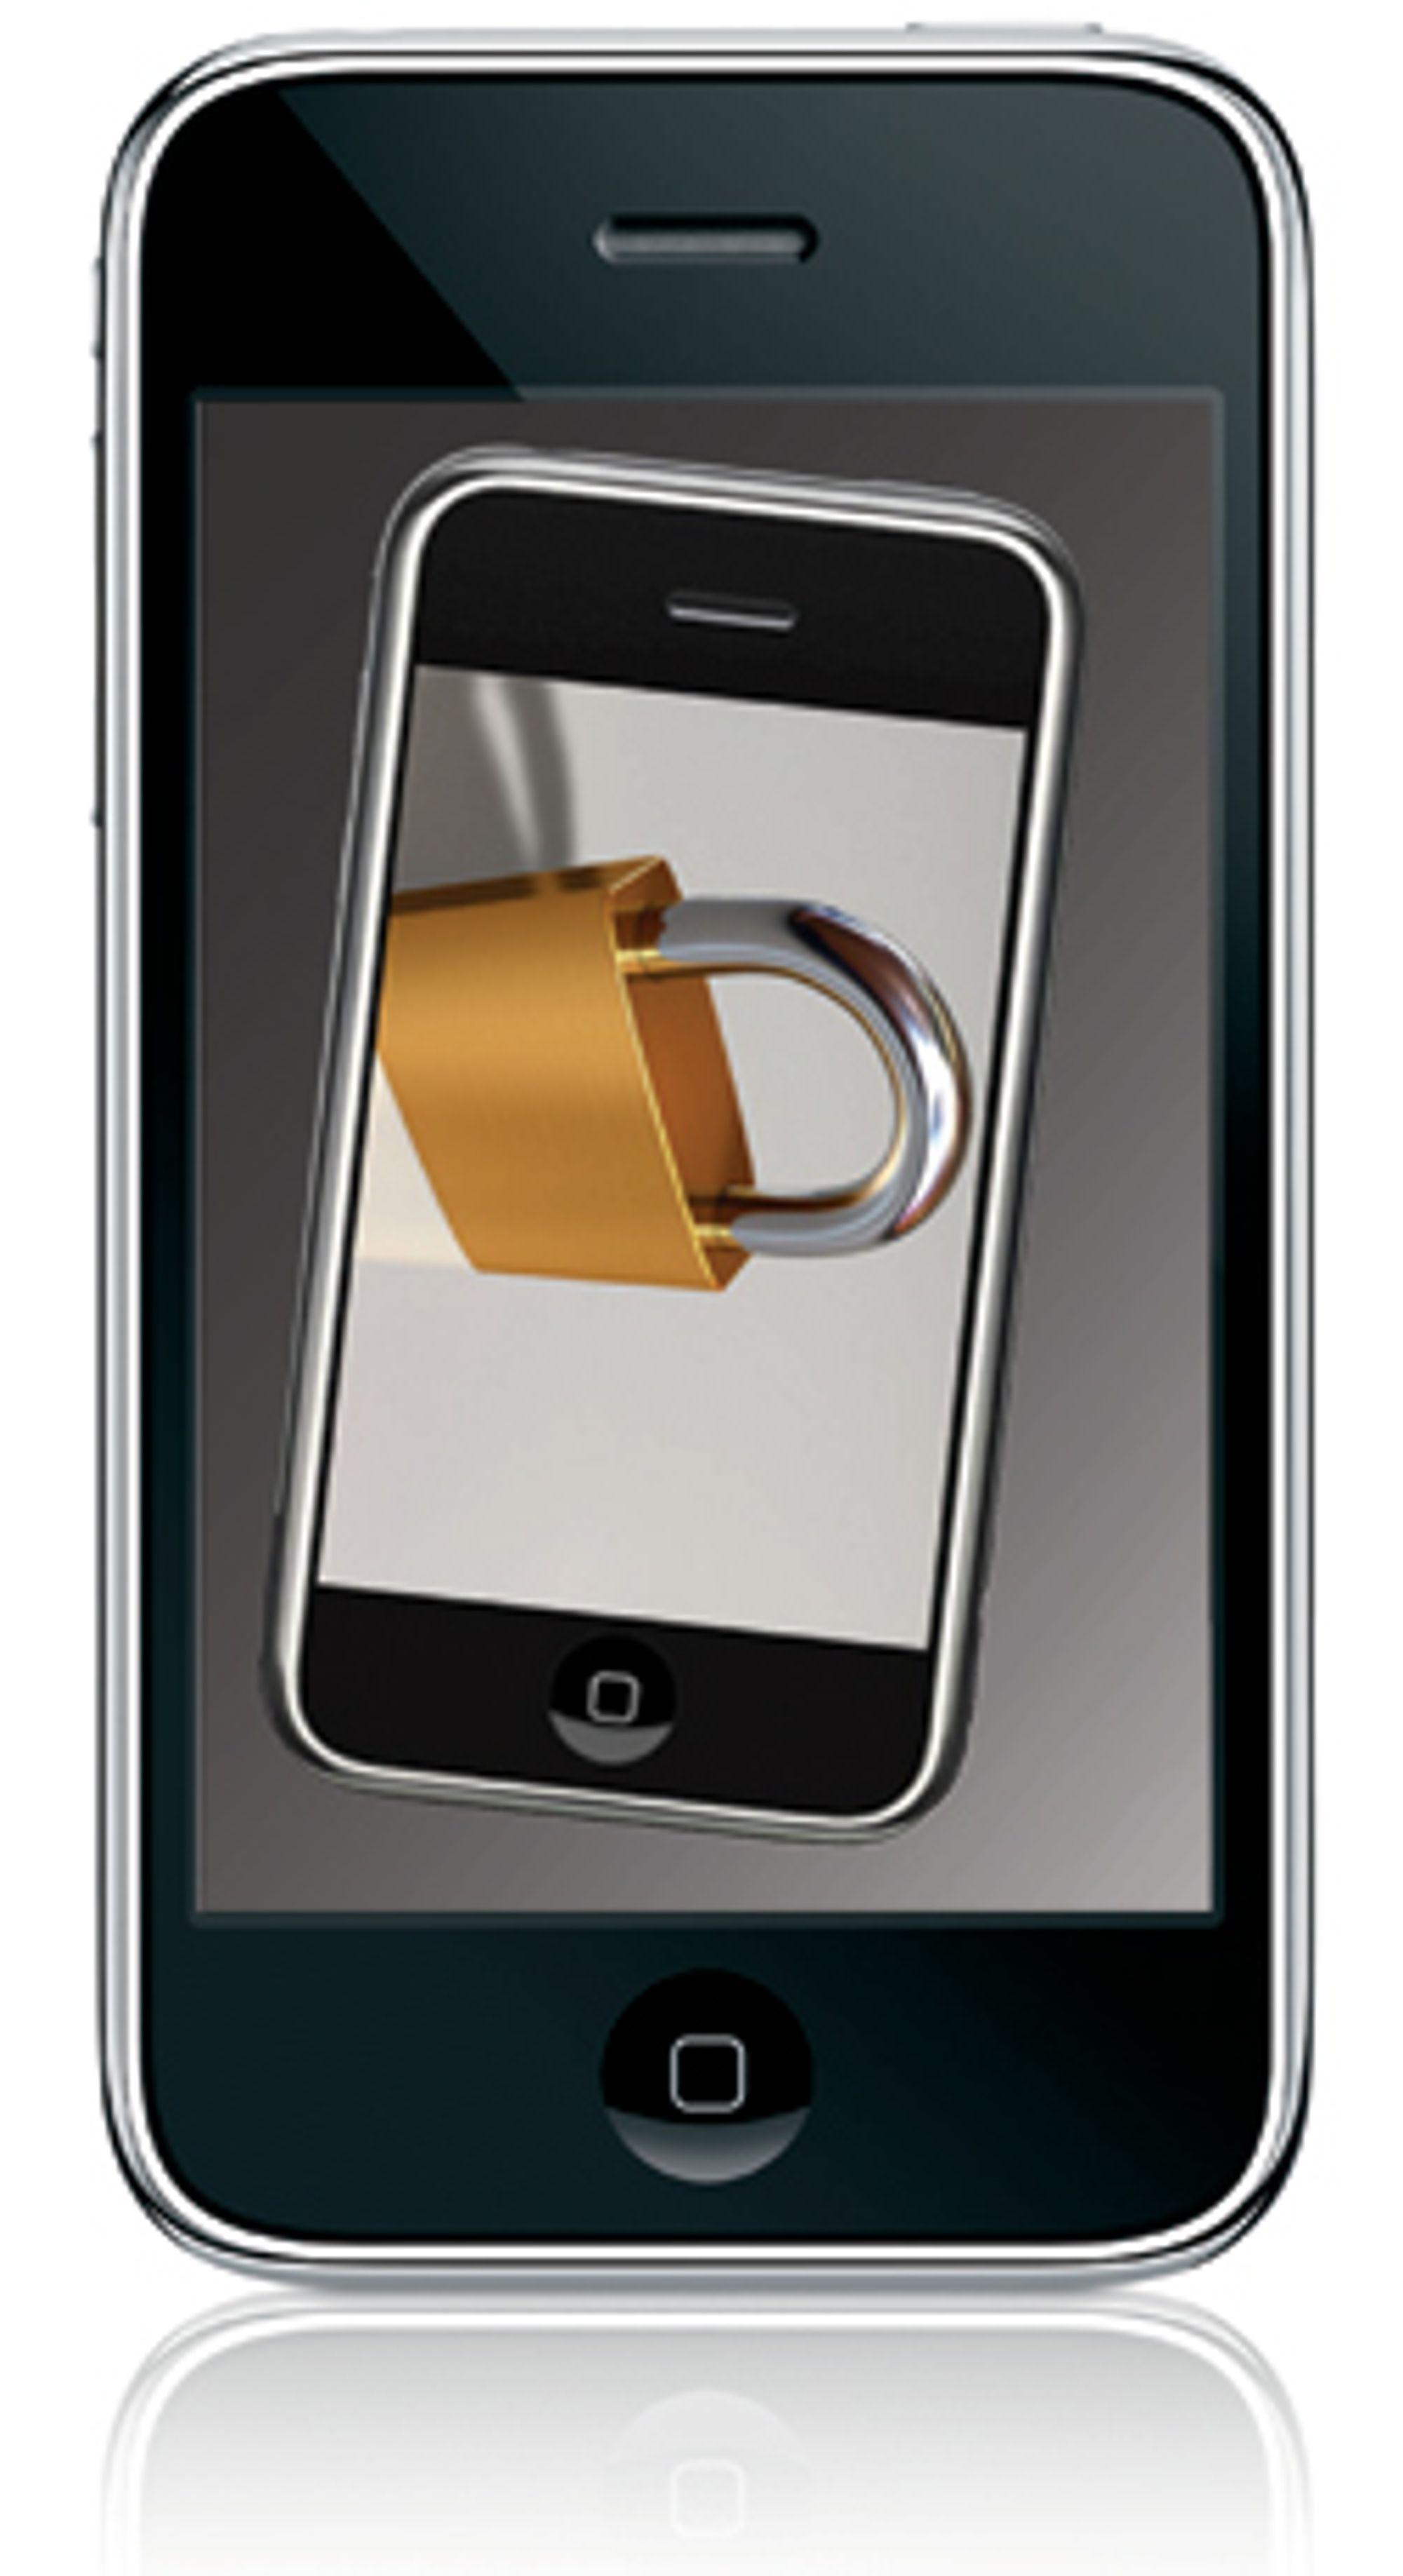 Iphone 3G kan snart låses opp, slik det er mulig på den gamle utgaven.